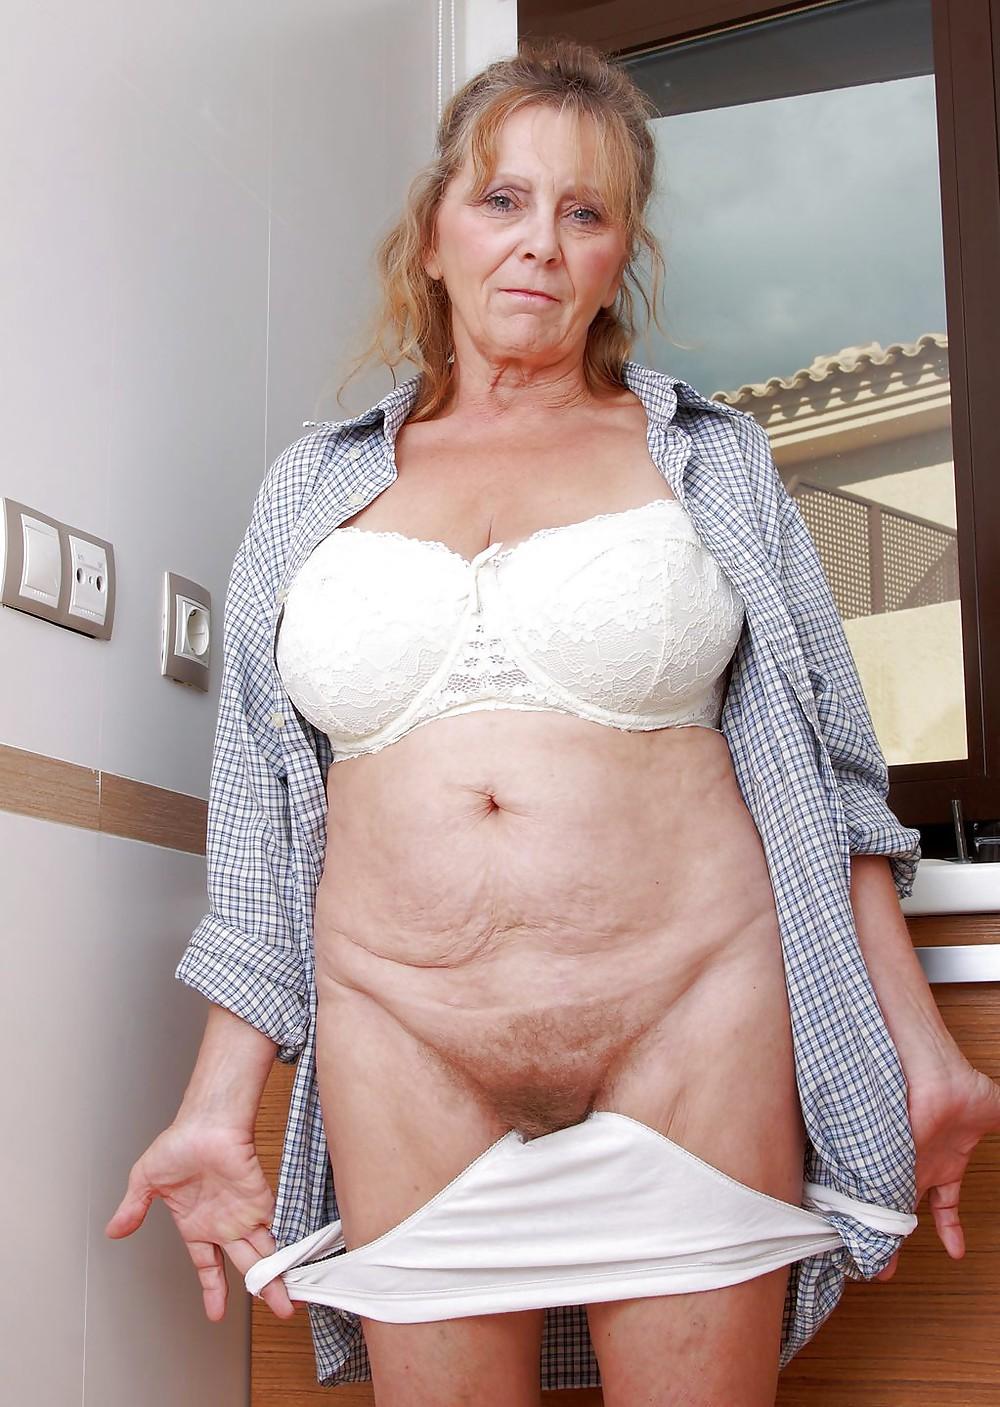 Mature older granny panty tgp — img 12